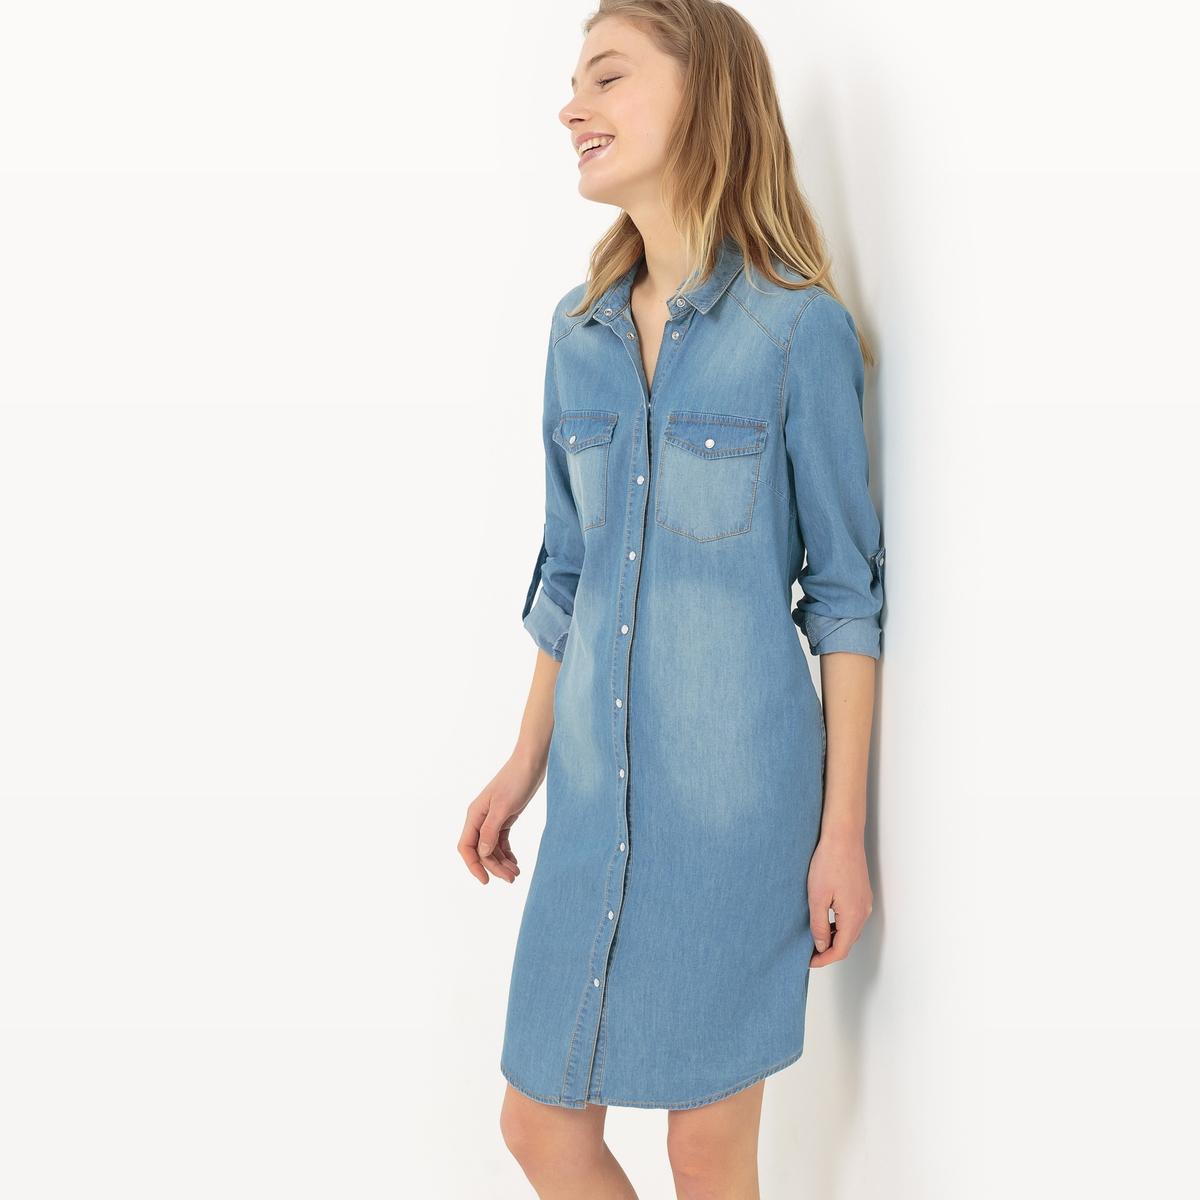 Платье из денимаМатериал : 35% вискозы, 65% хлопка  Длина рукава : длинные рукава  Форма воротника : воротник-поло, рубашечный Покрой платья : платье прямого покроя    Рисунок : однотонная модель   Длина платья : до колен<br><br>Цвет: синий потертый